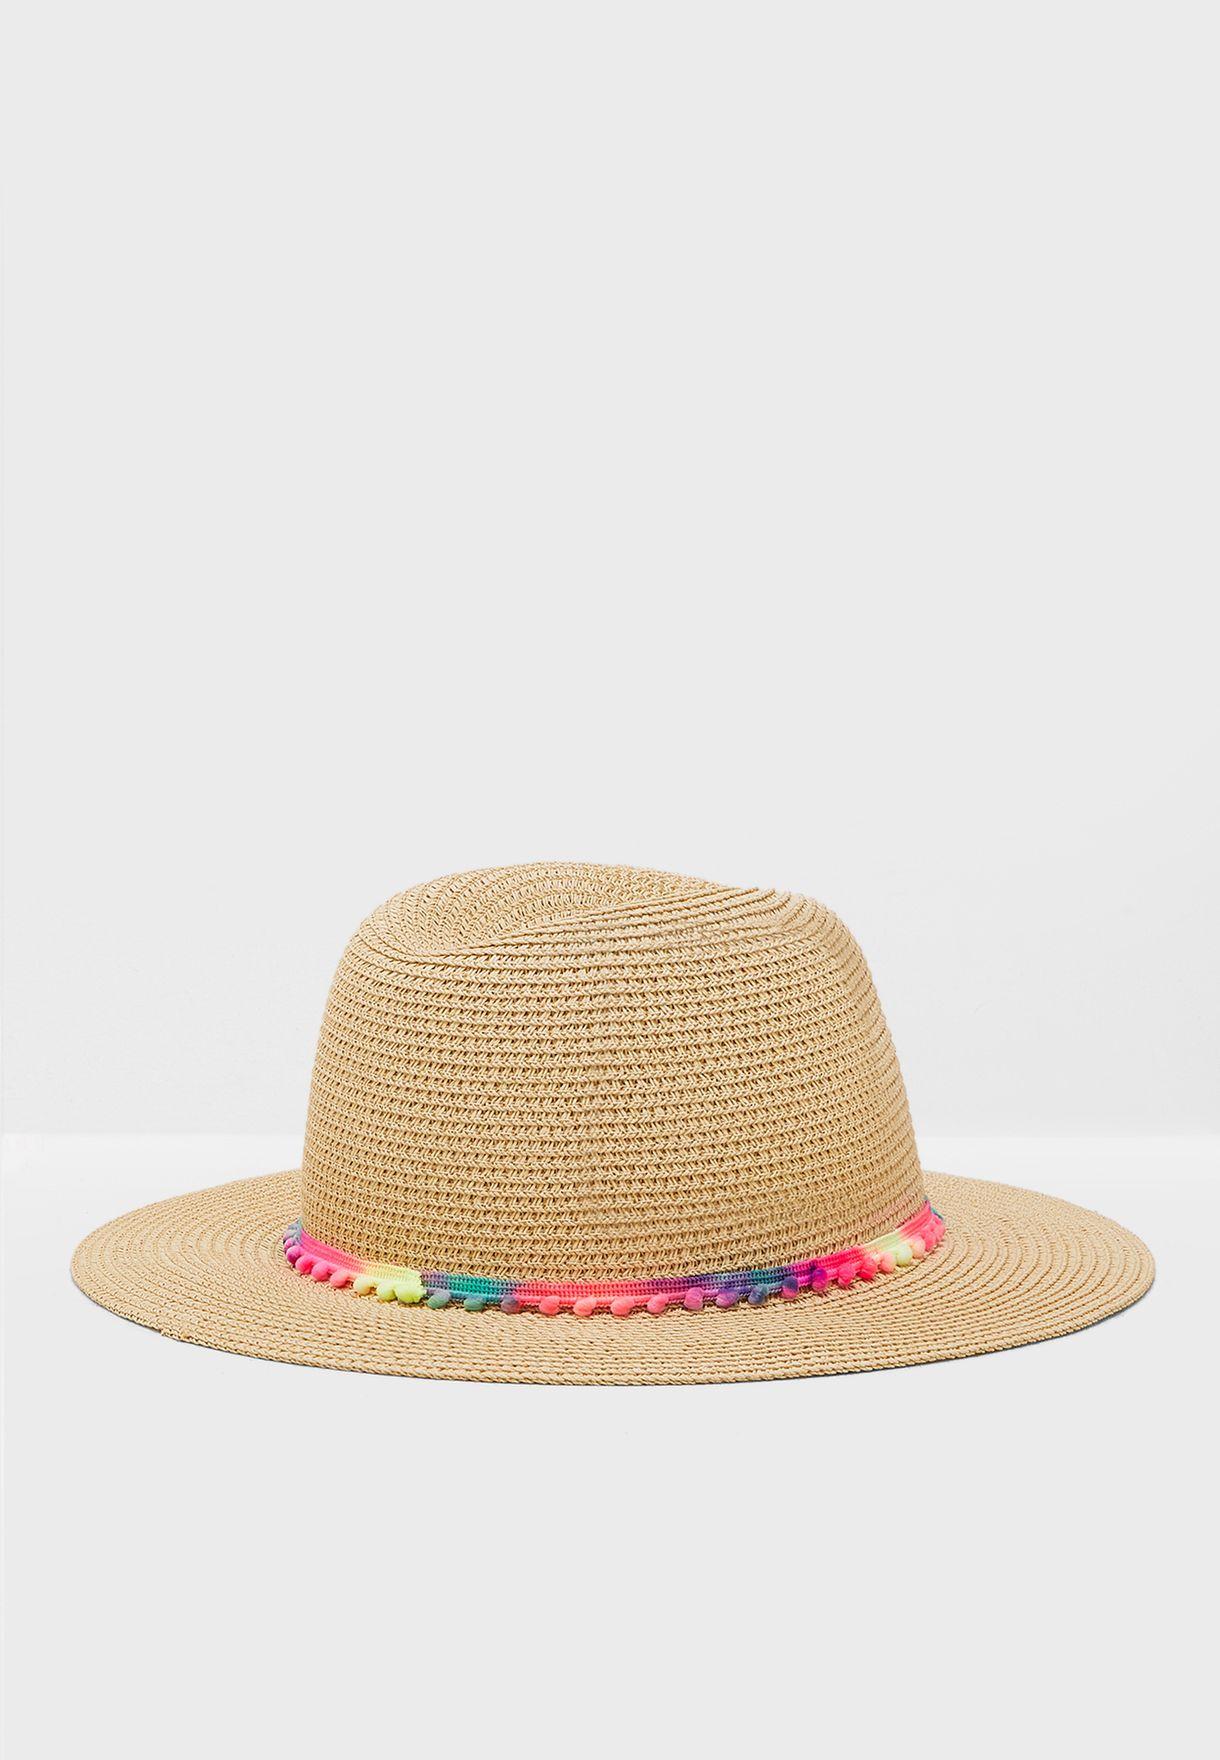 قبعة للشاطيء